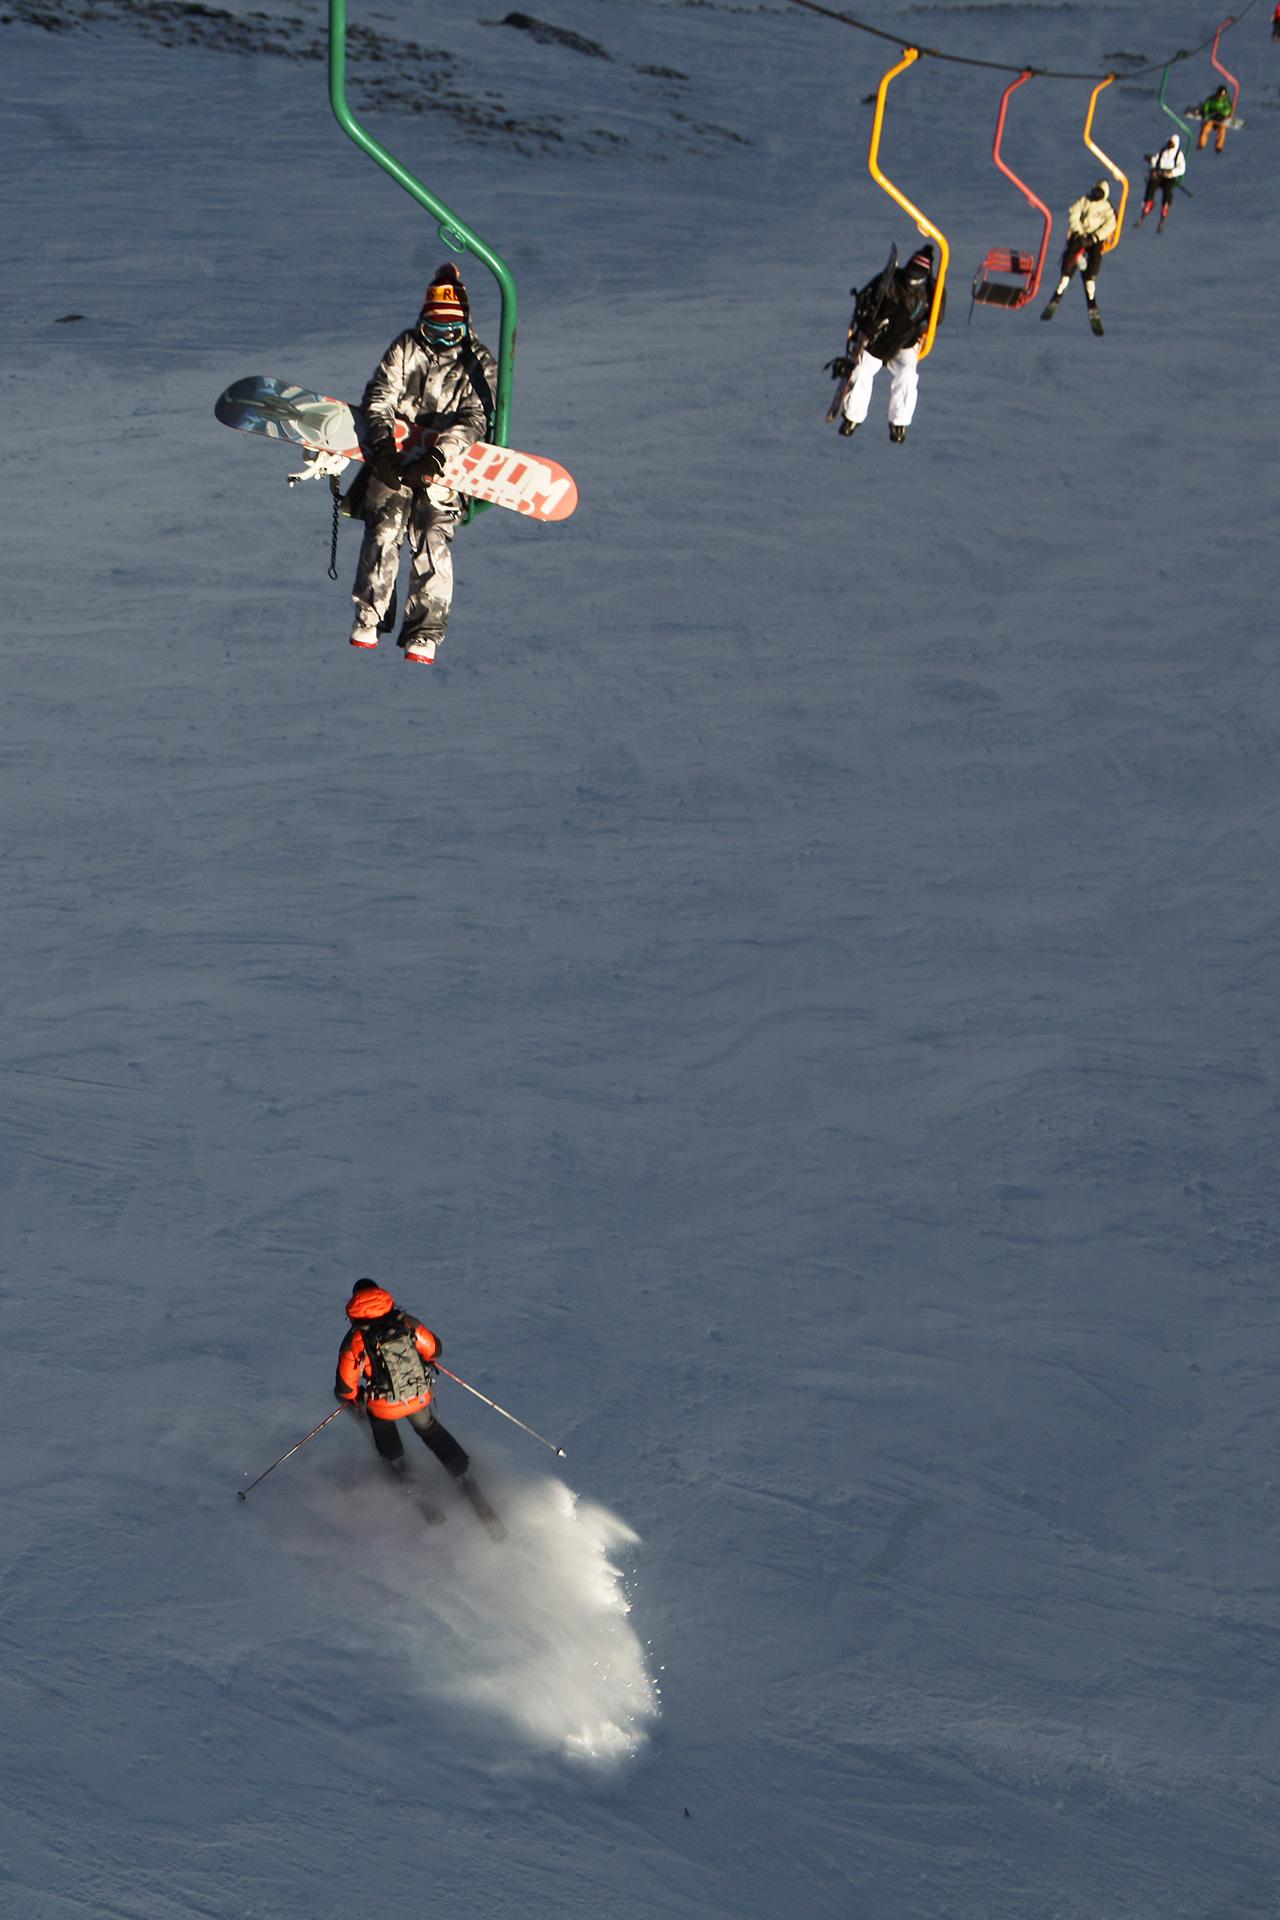 """La stazione sciistica di Cheget si trova a sud del Caucaso e accoglie gli sciatori da novembre a maggio. Inaugurata negli anni Sessanta, si è guadagnata la fama di impianto """"estremo"""": le piste arrivano a un'inclinazione di 45 gradi e in alcuni tratti non riesce a passare nemmeno il gatto delle nevi. Chi trova il coraggio si spingersi con gli sci su questa vetta viene ricompensato da un panorama davvero mozzafiato"""